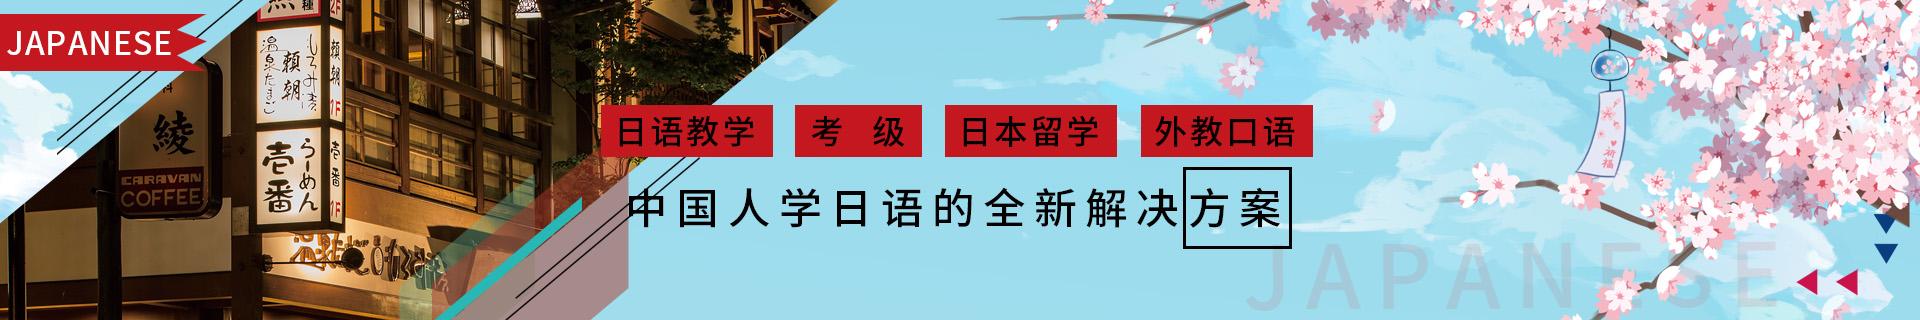 郑州樱花国际日语培训